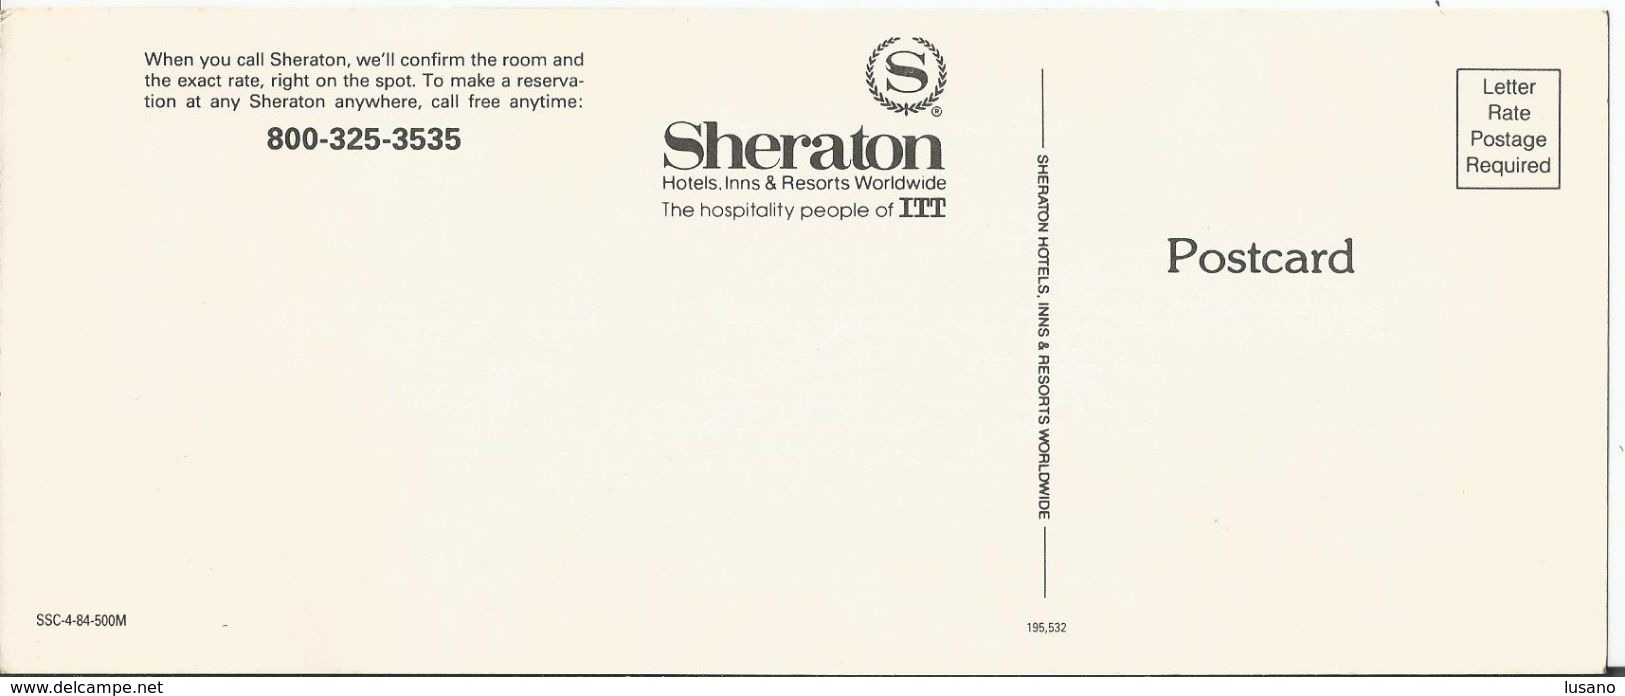 Carte Postale Publicitaire Pour La Chaîne D'hôtels Sheraton - Hotel Labels